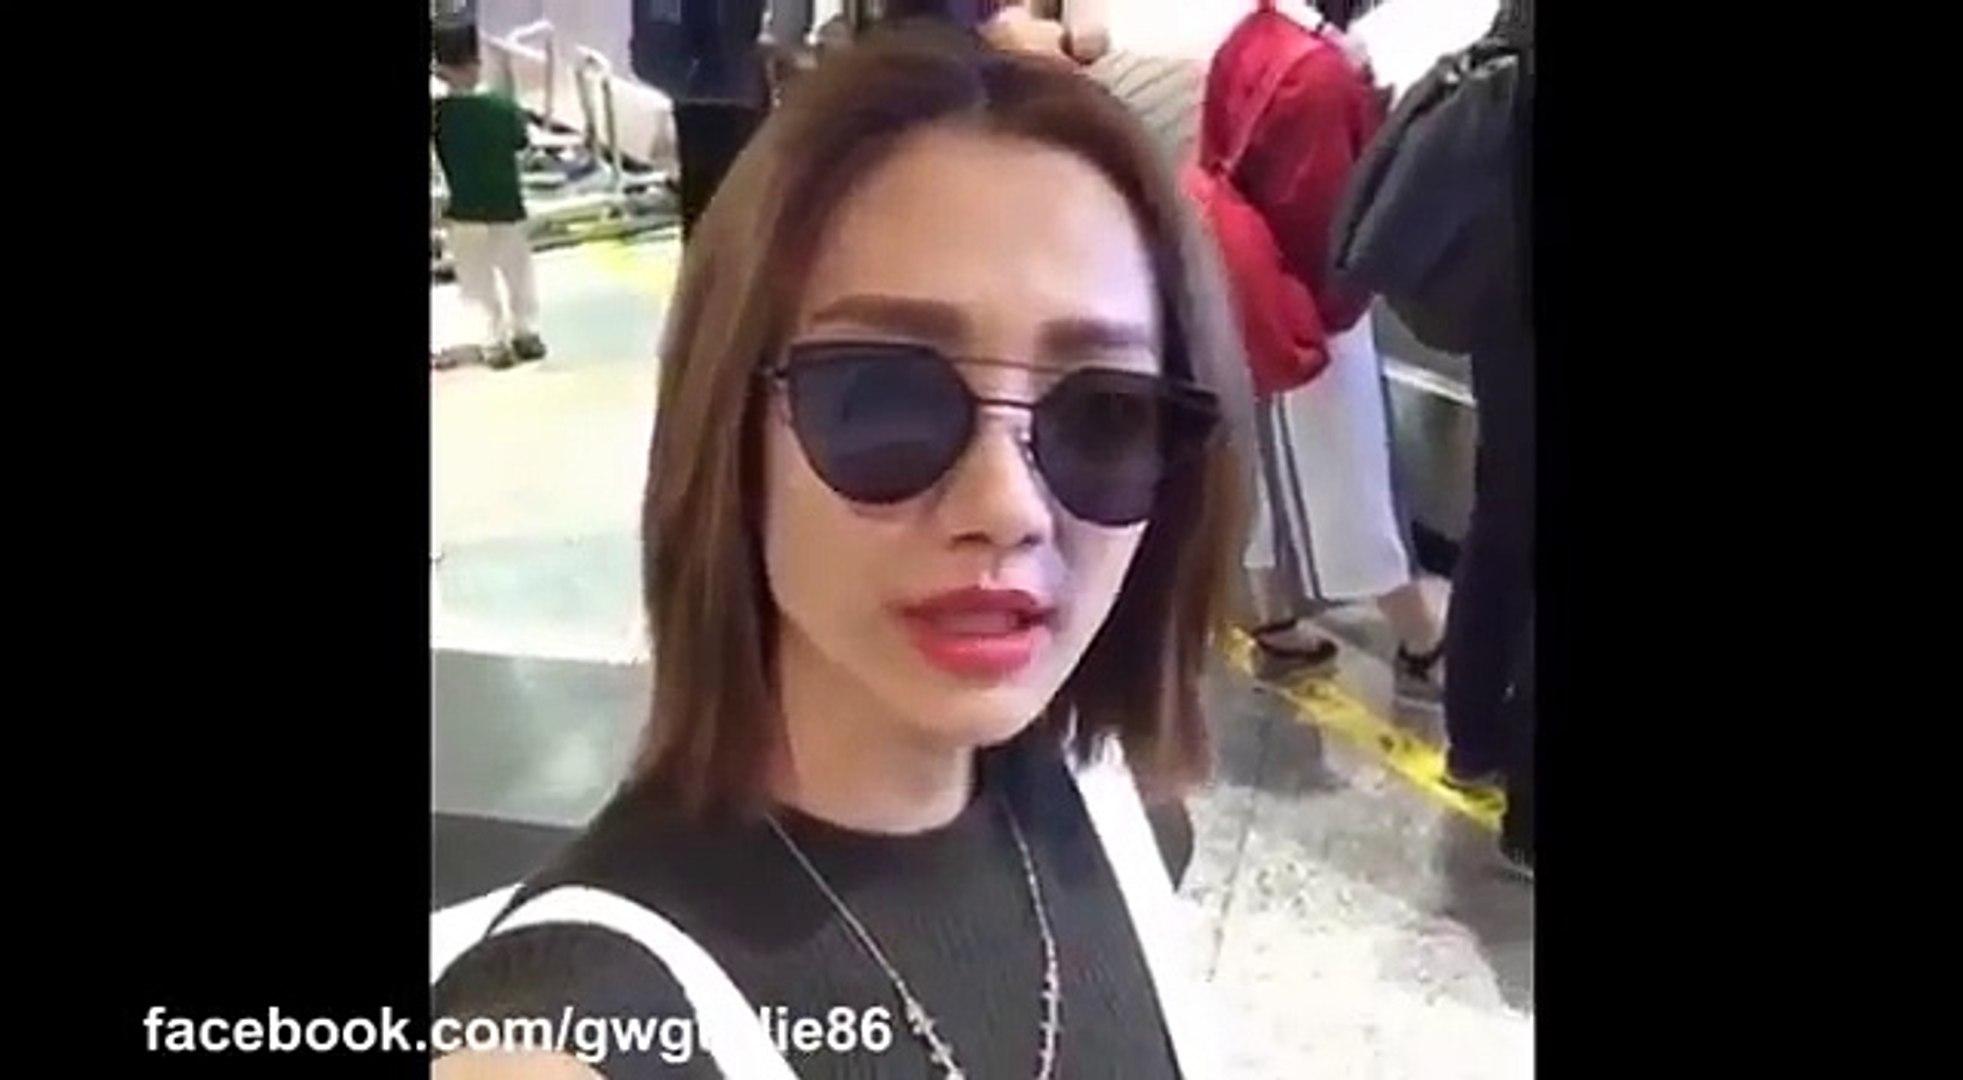 【Facebook】王君馨 Facebook Live@TVB Jade Pack 翡翠娱乐 - 食榴槤